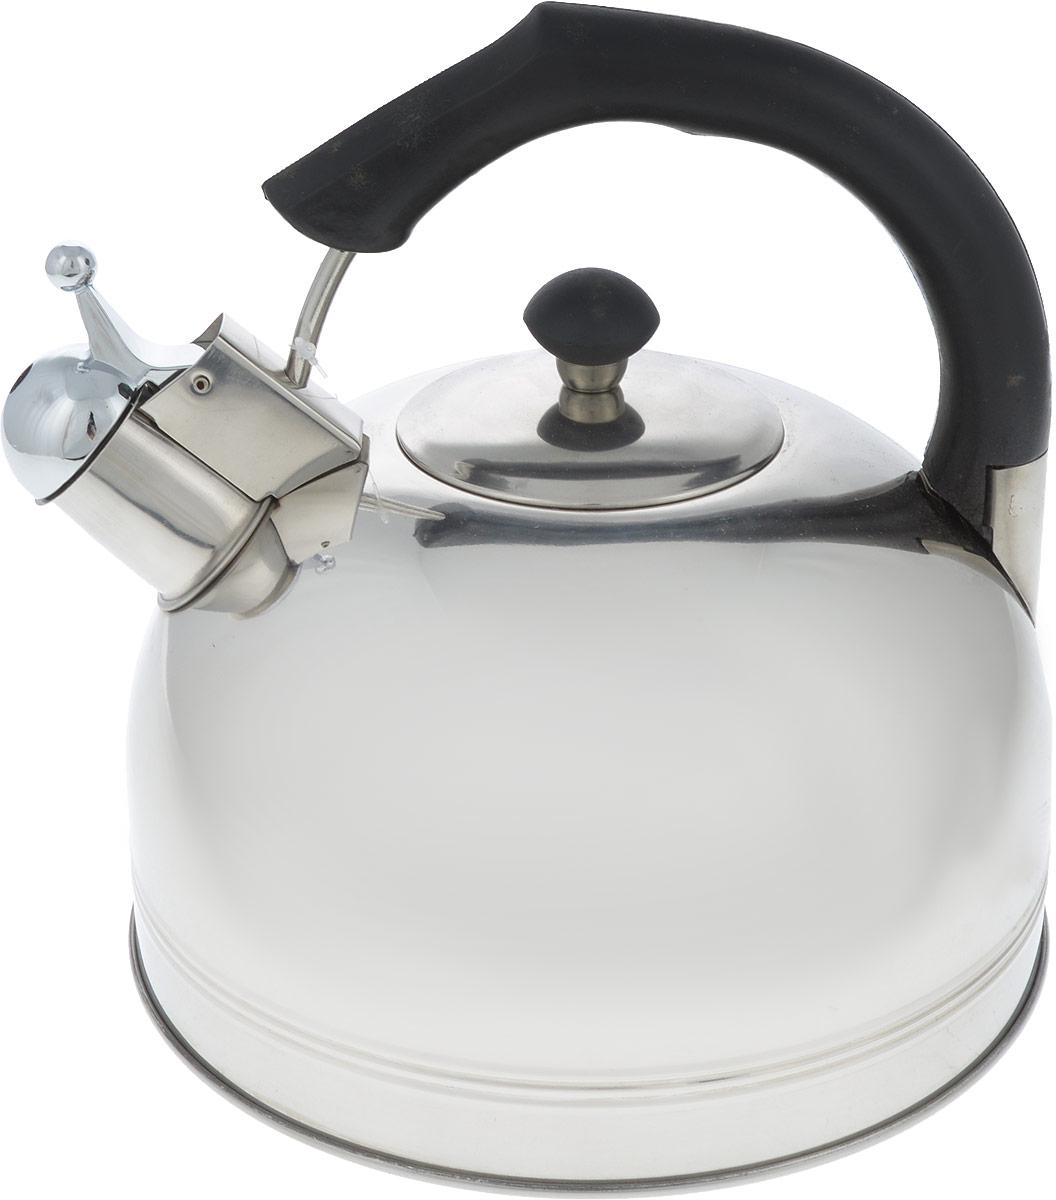 Чайник Bohmann, со свистком, 4 л. 9980-4BHBK чайник bohmann со свистком цвет мраморный зеленый 4 5 л bhl 644